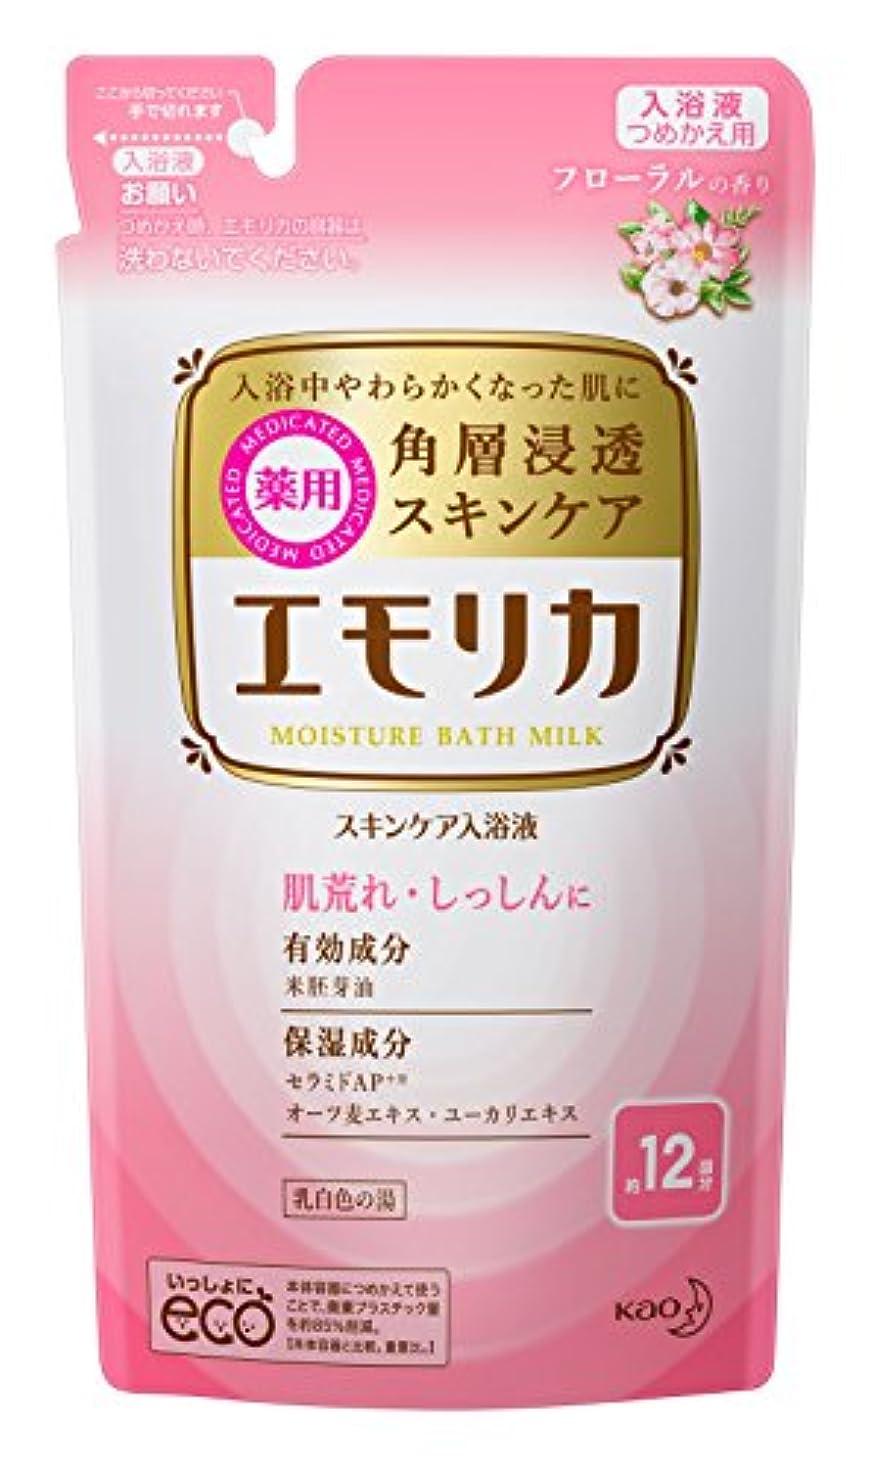 大胆な飾り羽知性エモリカ 薬用スキンケア入浴液 フローラルの香り つめかえ用 360ml 液体 入浴剤 (赤ちゃんにも使えます)